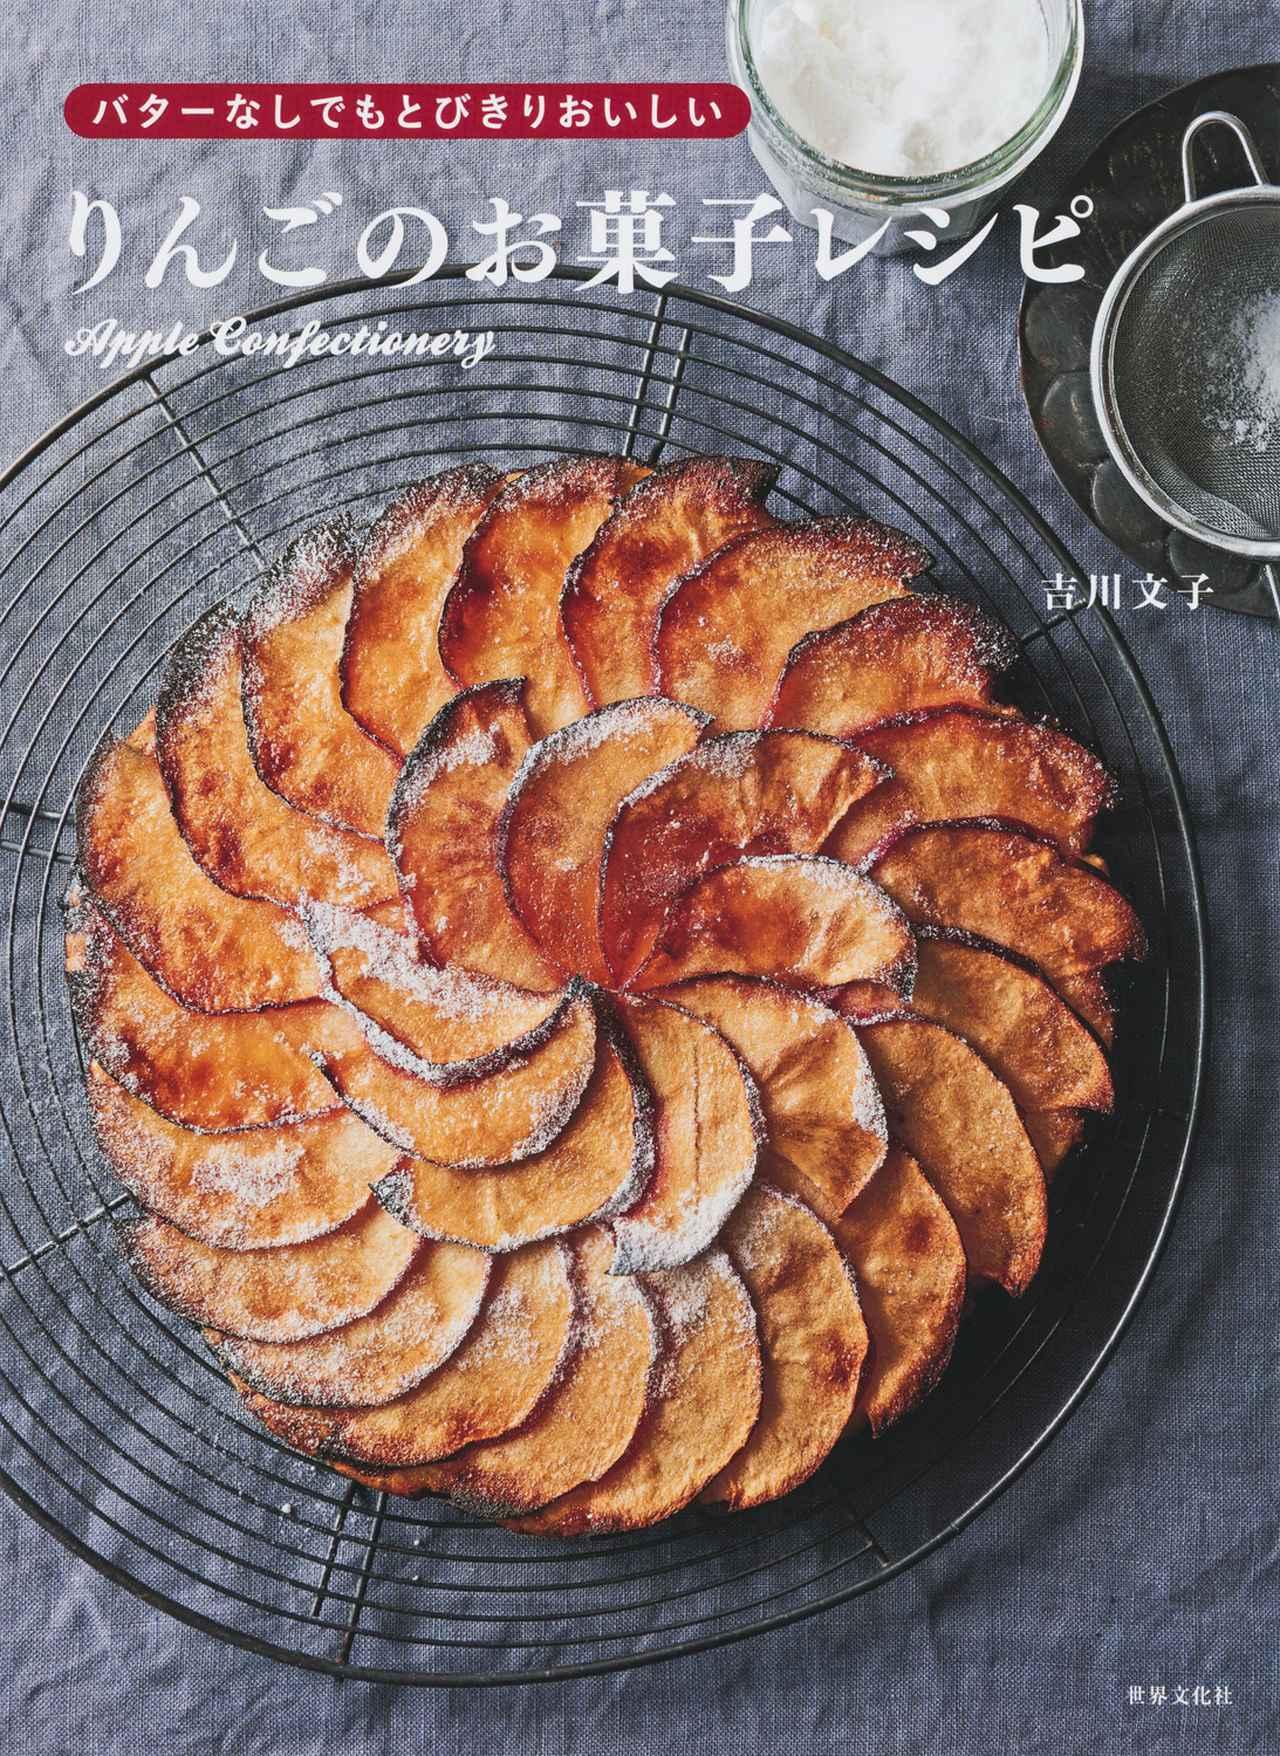 画像: 『りんごのお菓子レシピ』 定価 1,200円+税 発行 世界文化社